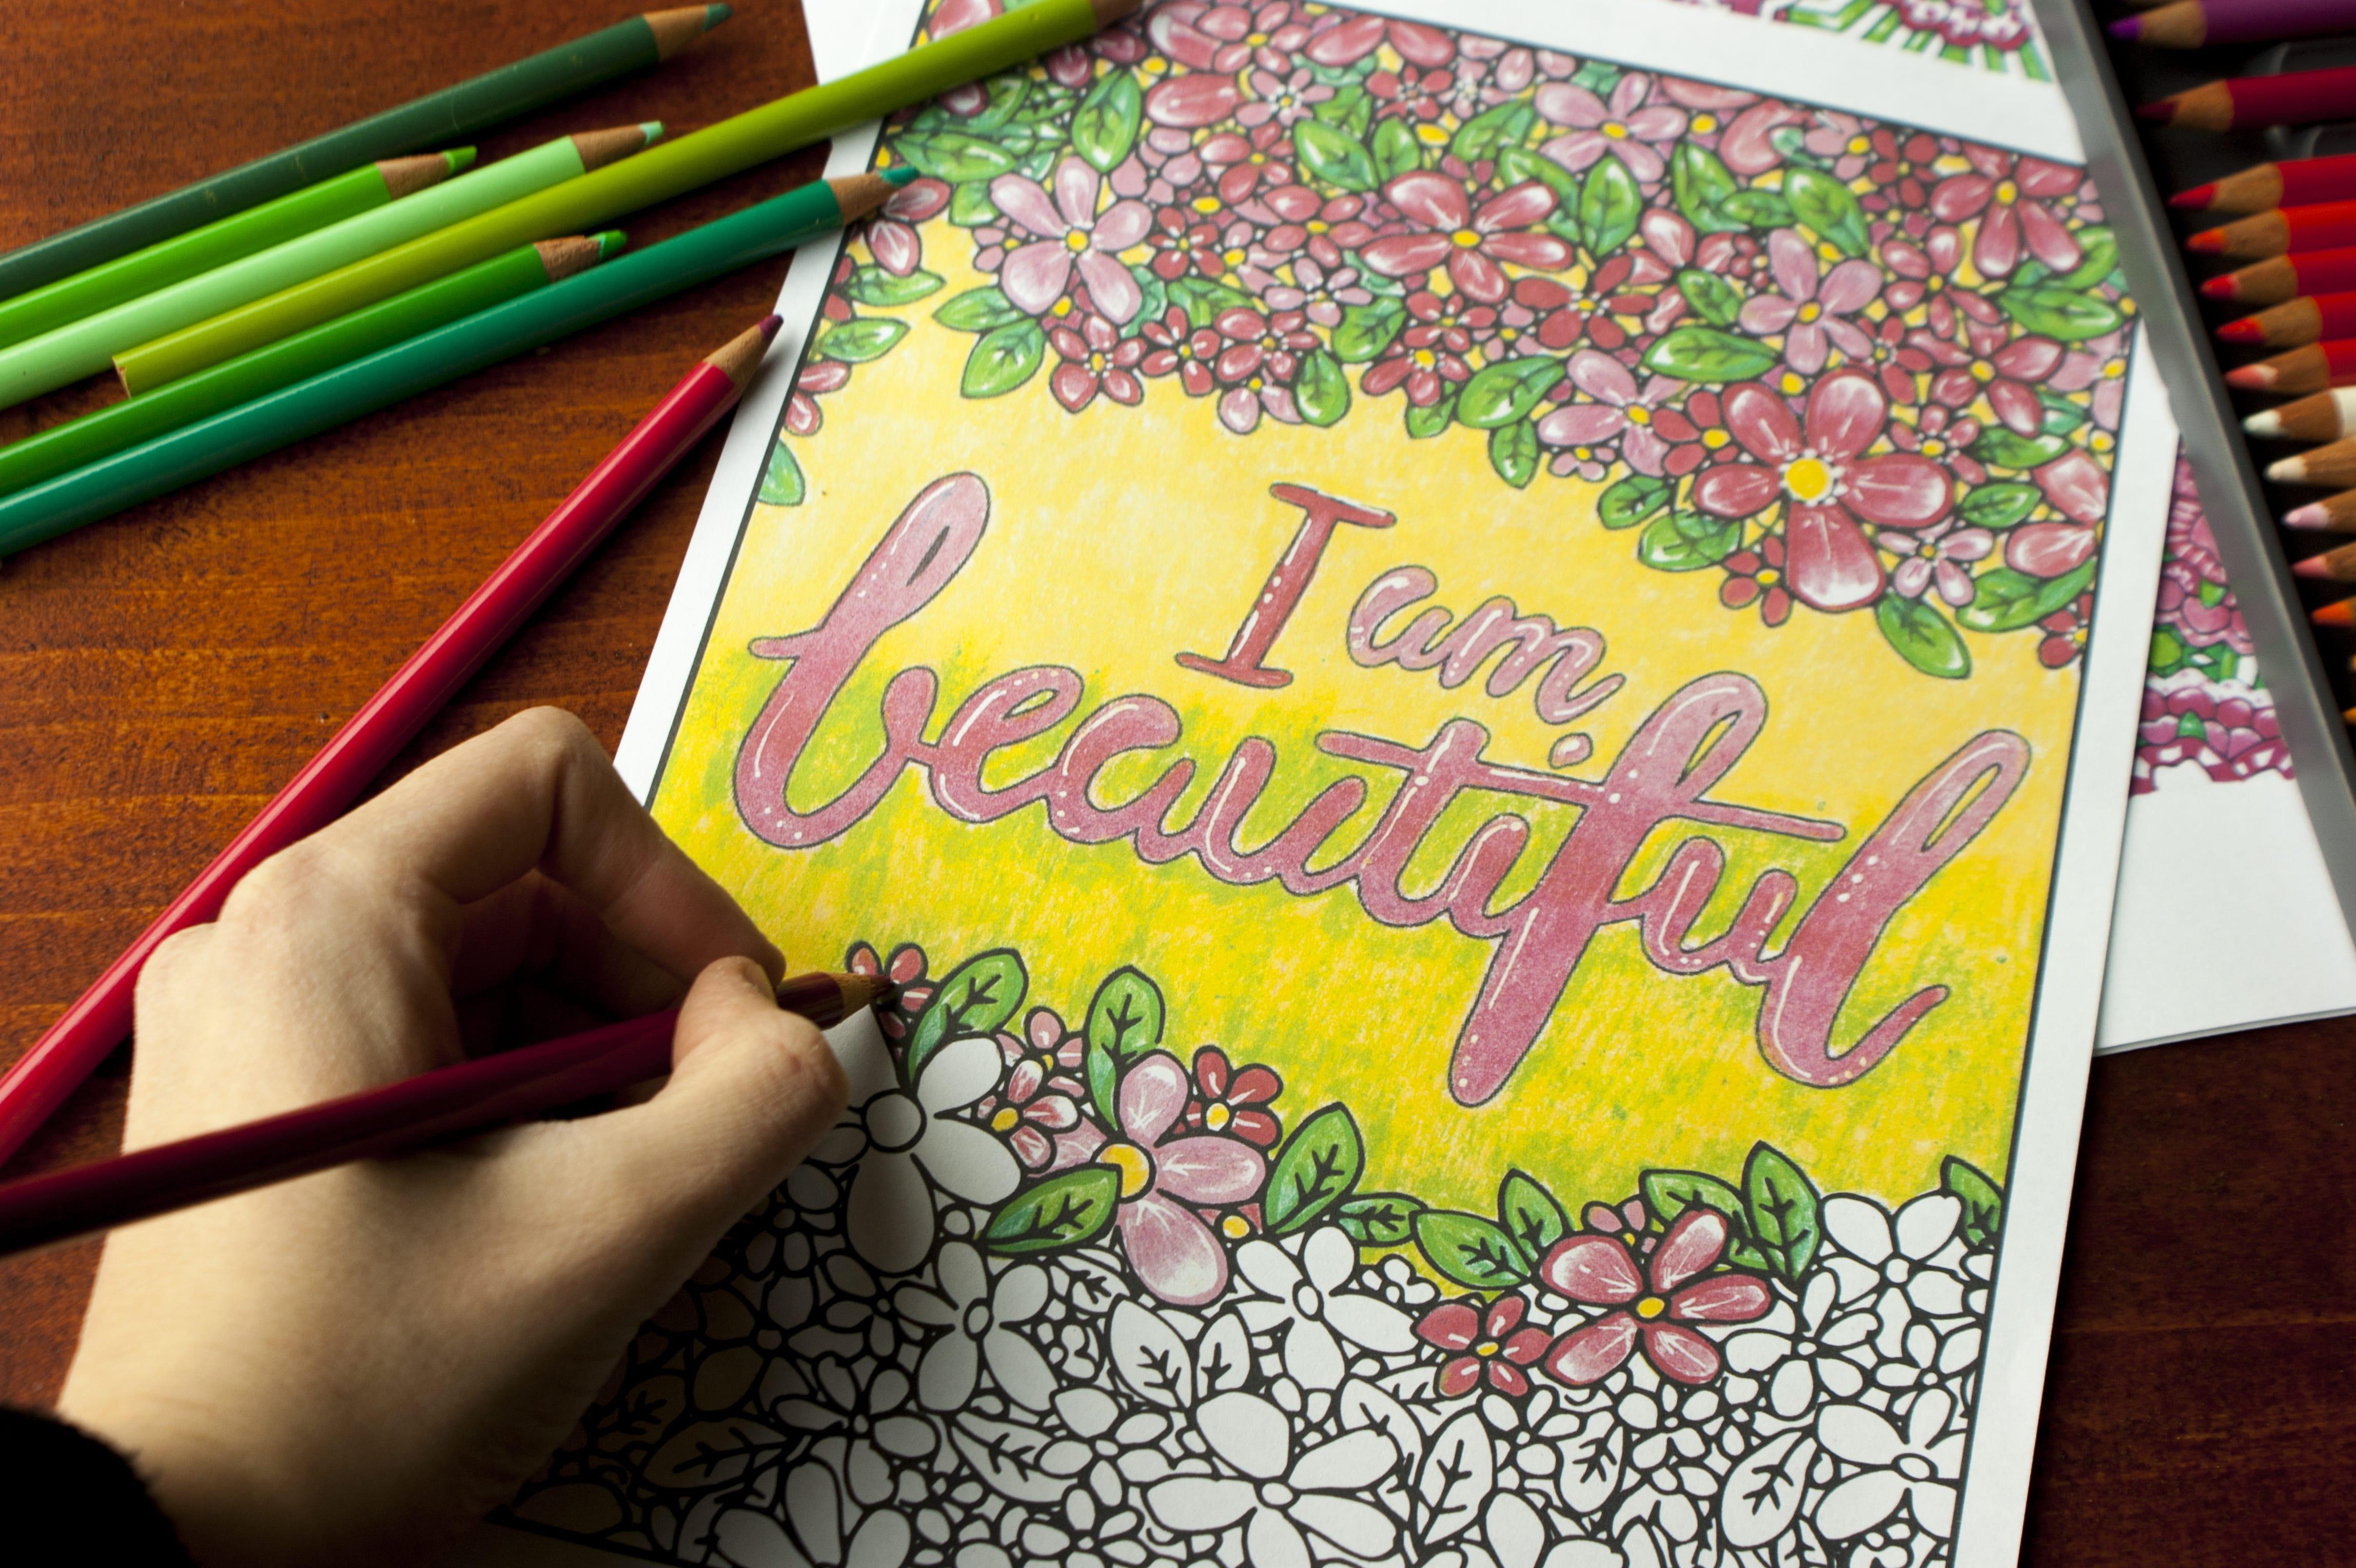 Media - Sarah Renae Clark - Coloring Book Artist and Designer